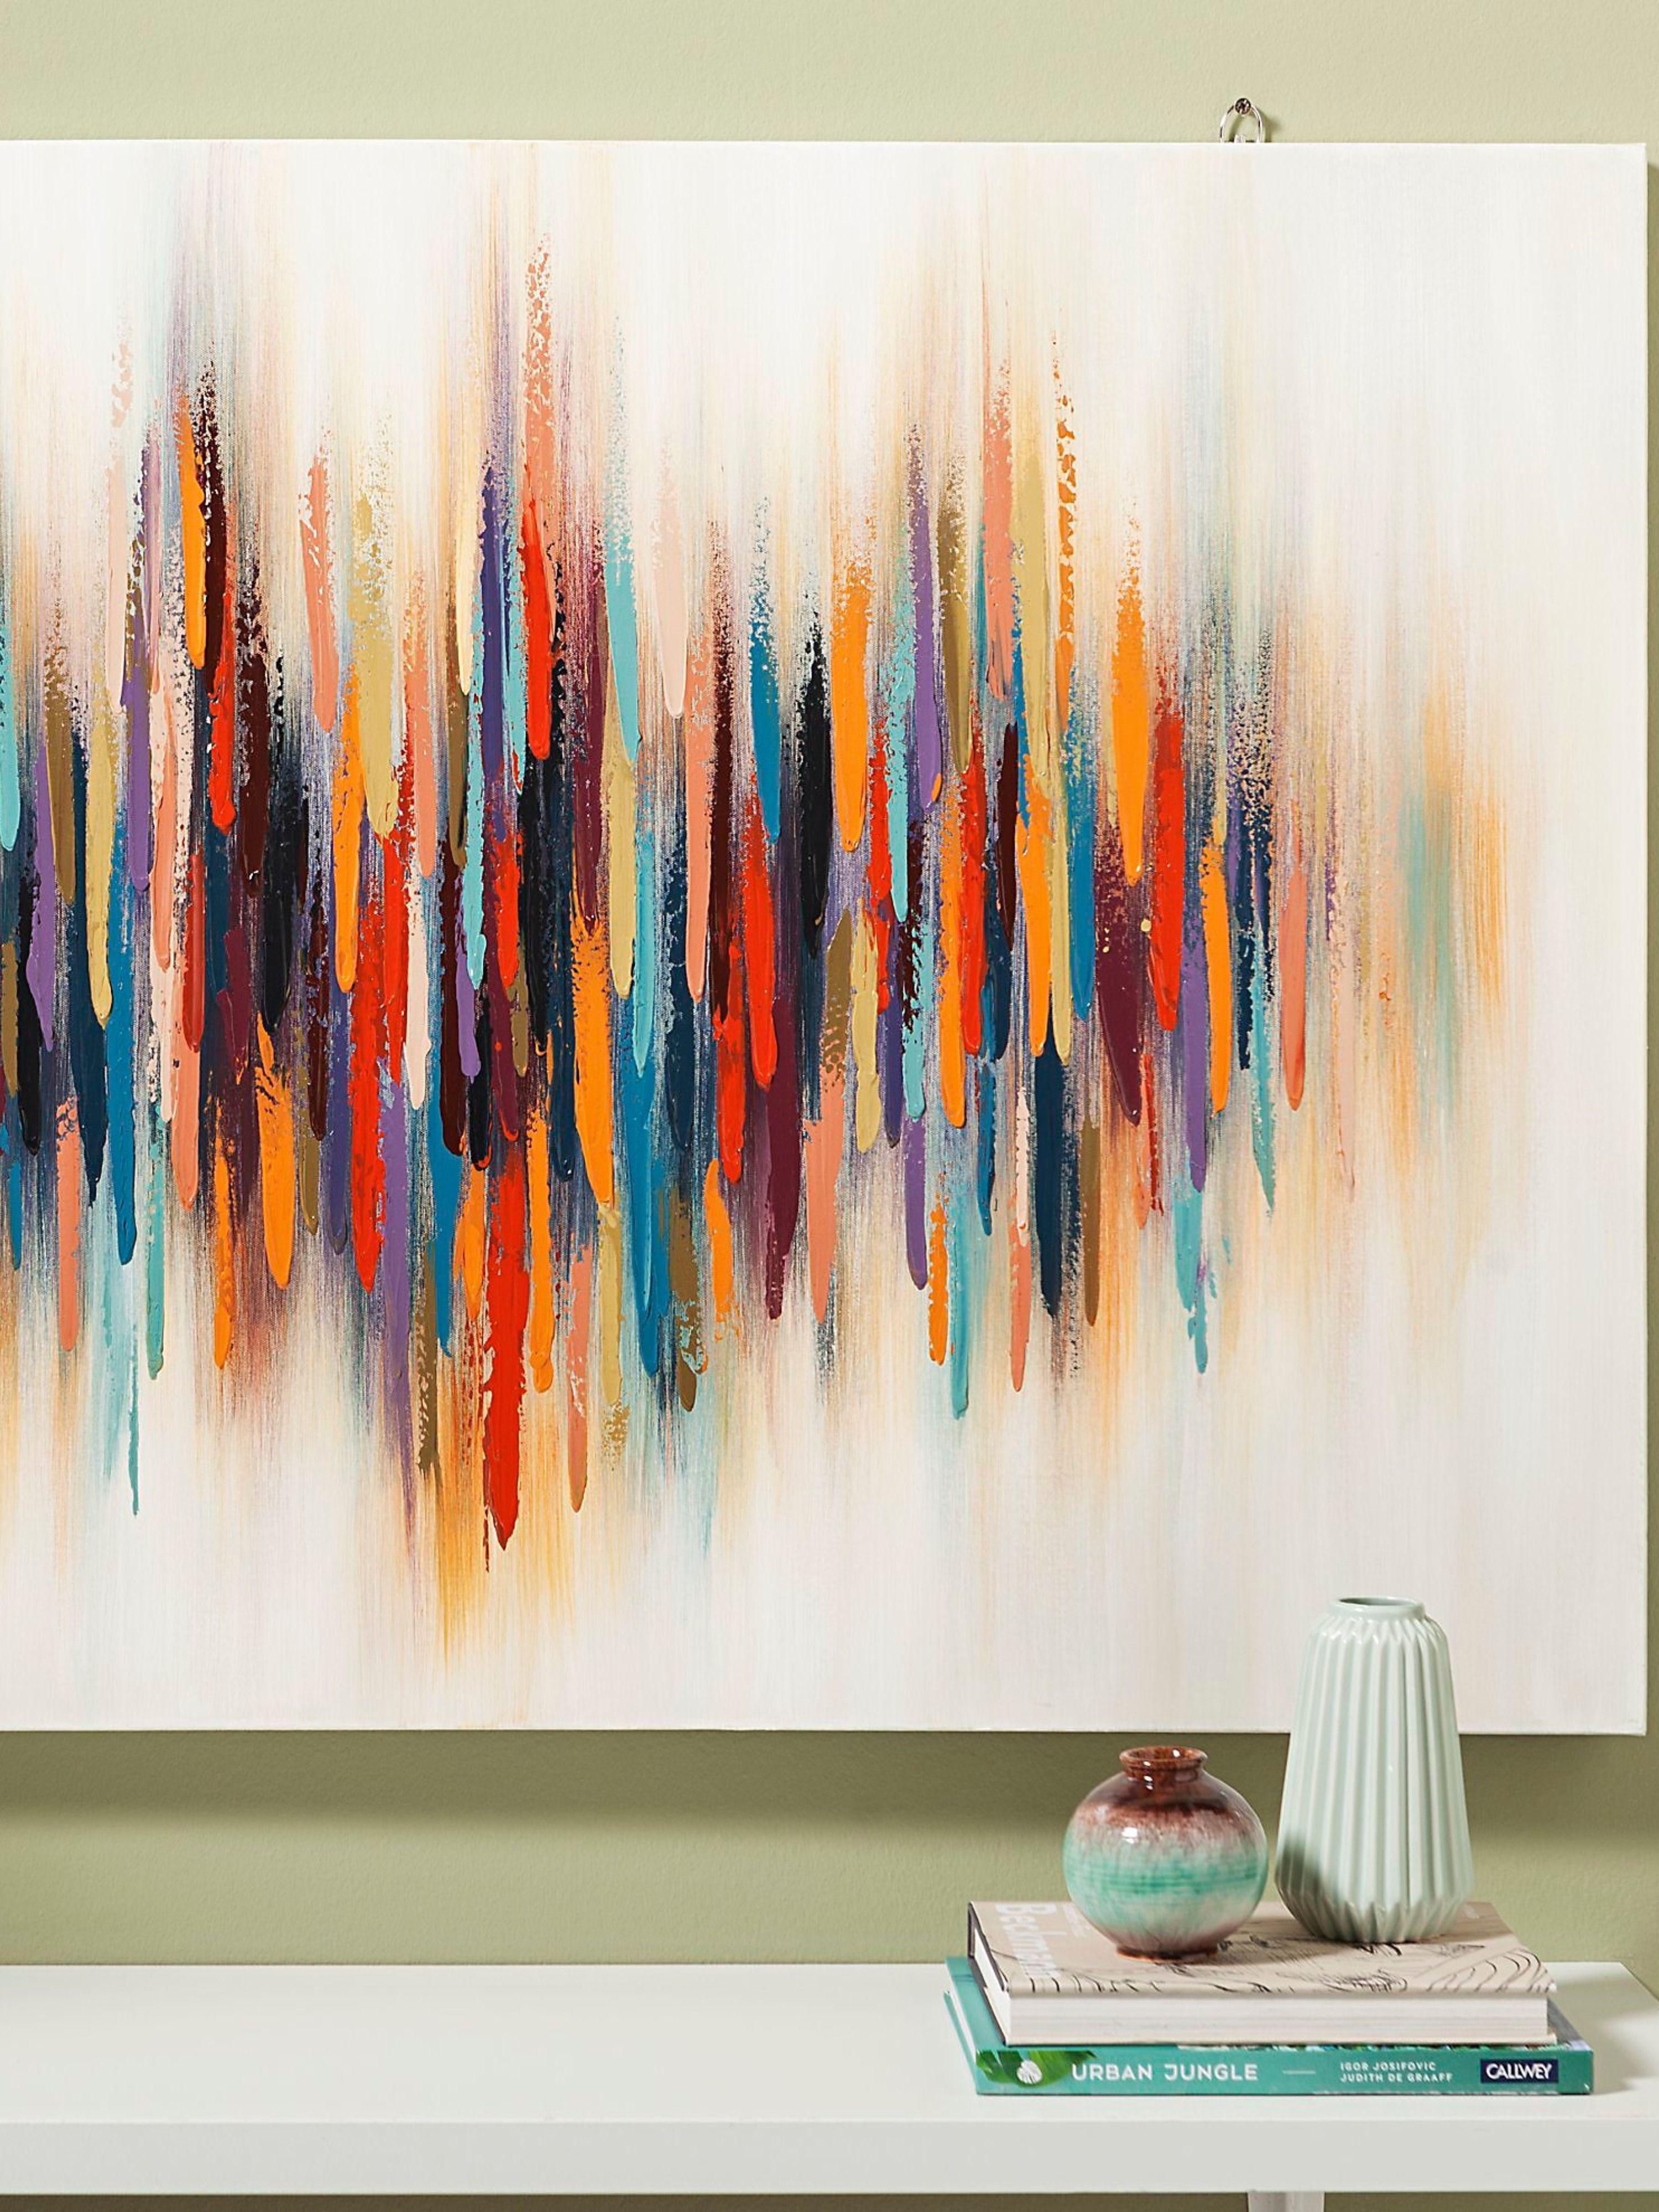 olbild happiness jetzt bei weltbild de bestellen abstrakt idee farbe günstige bilder auf leinwand großes bild